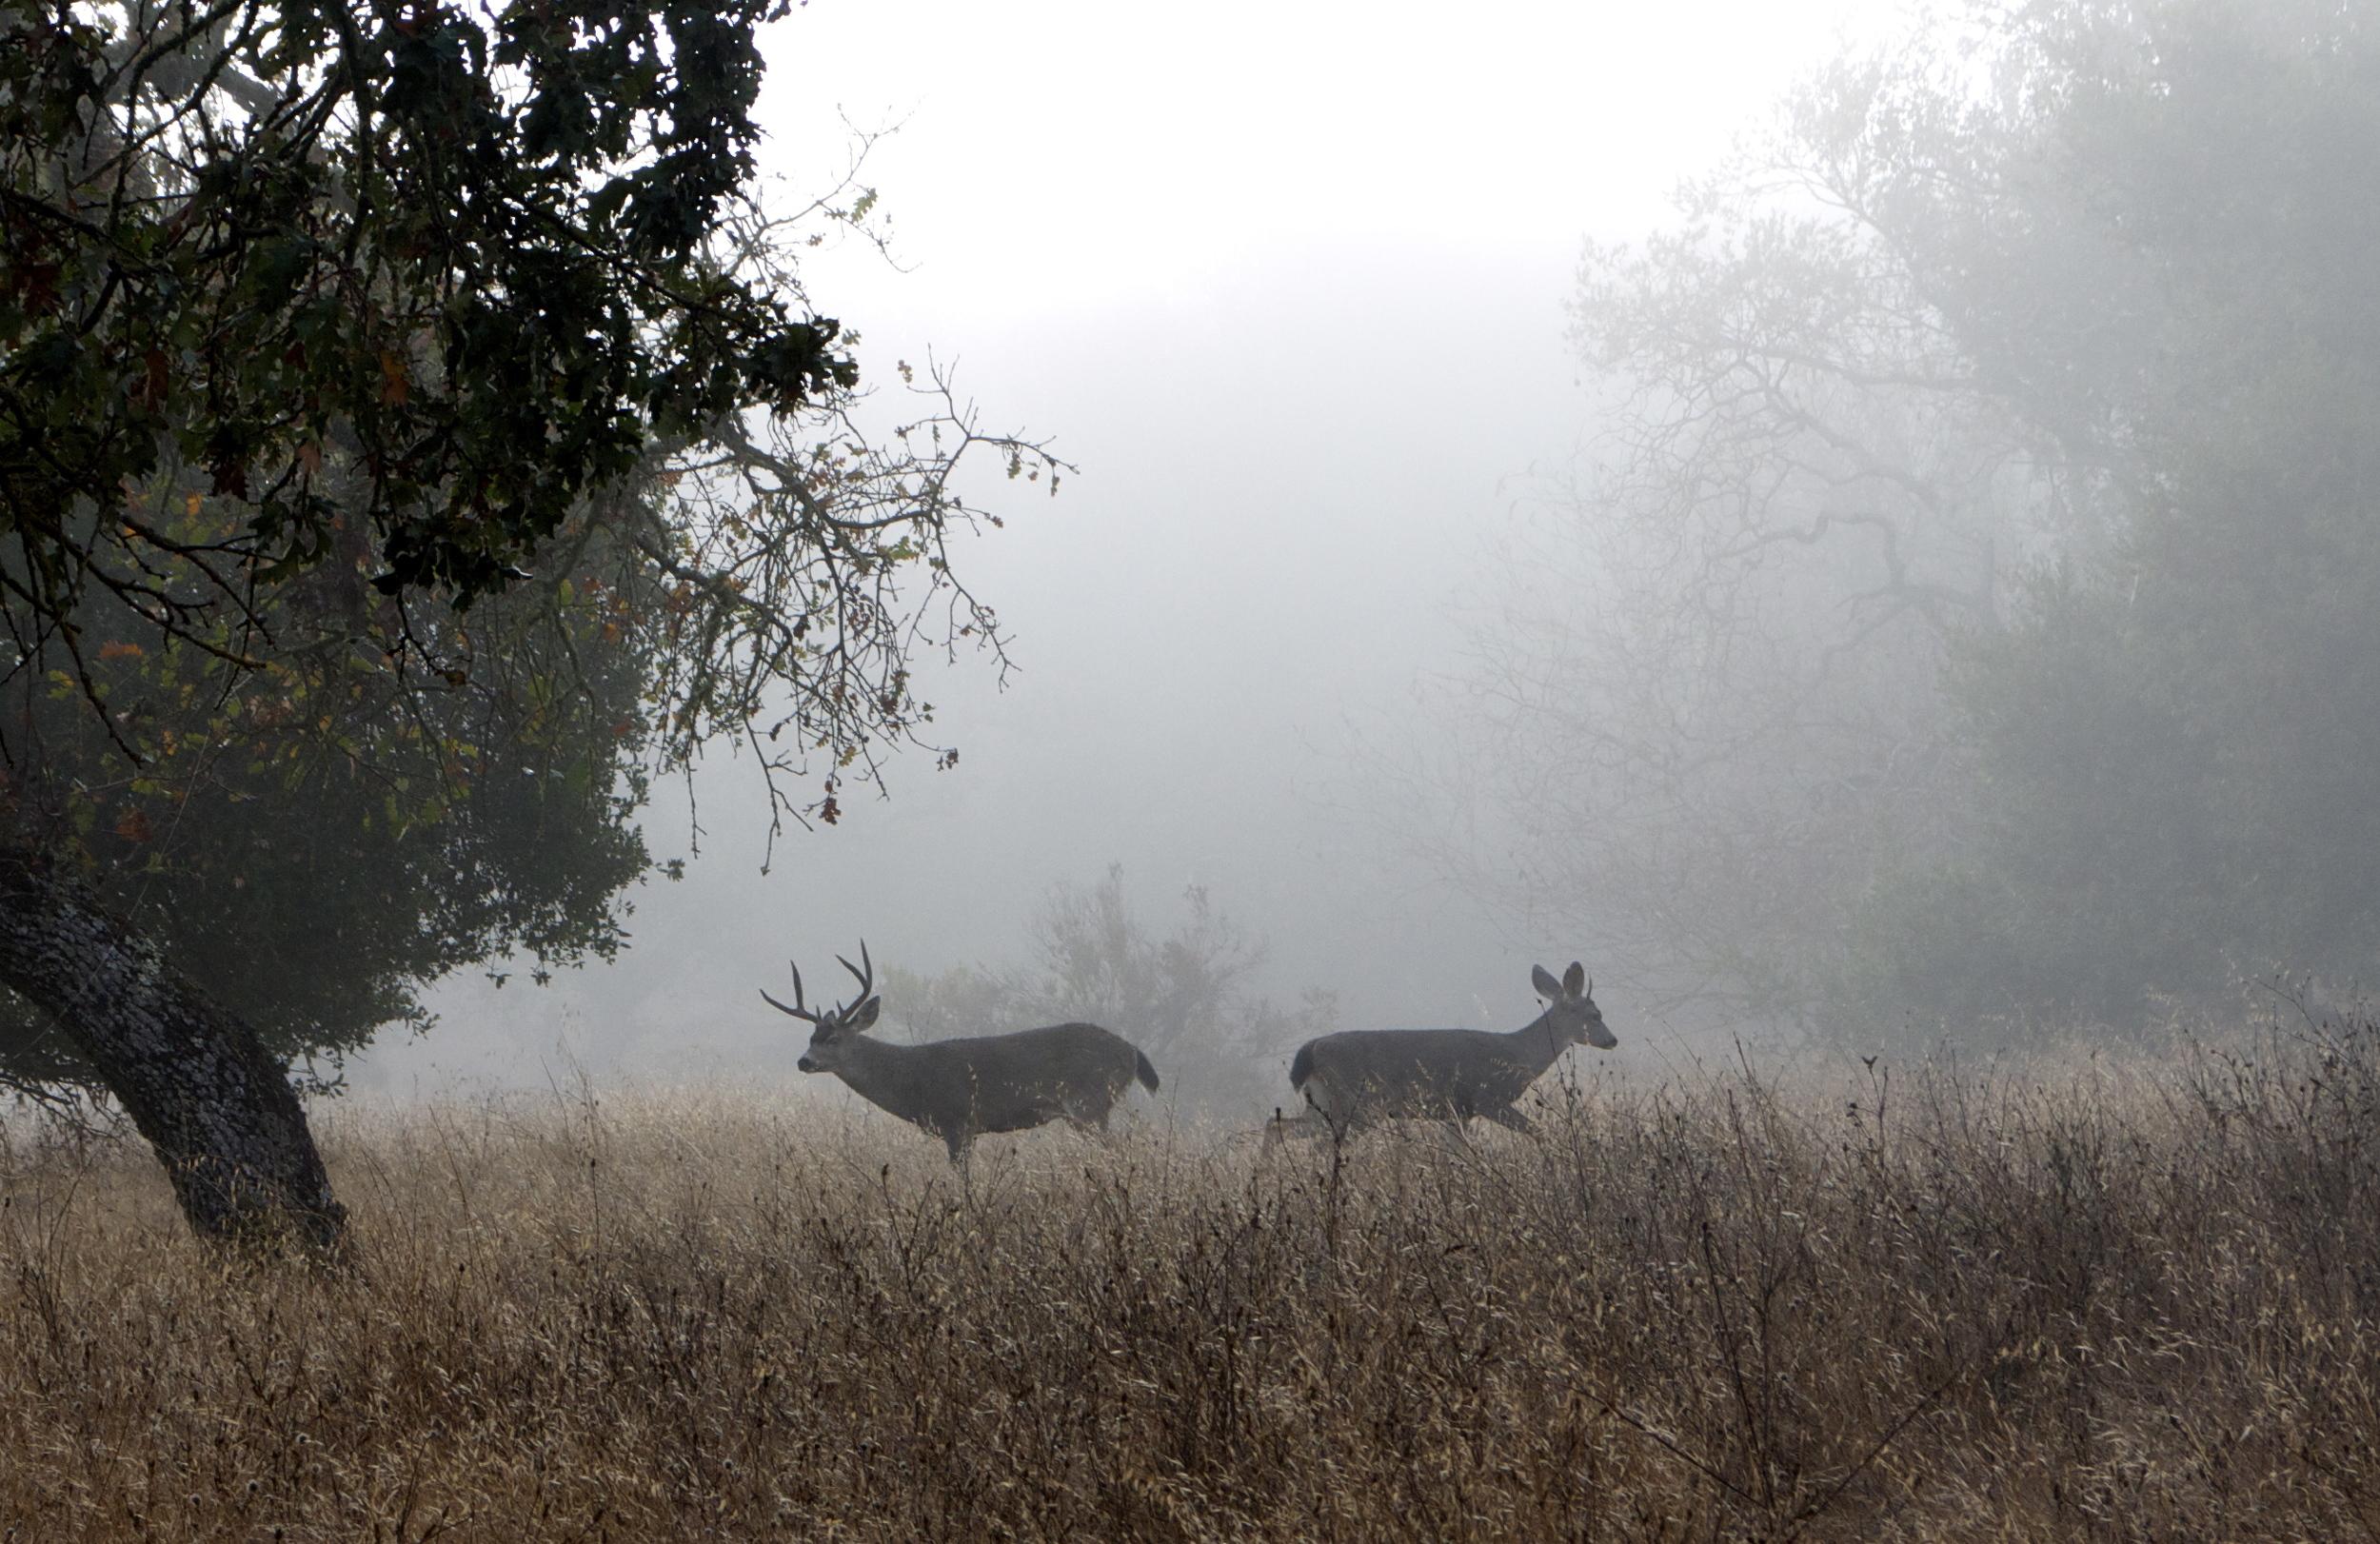 Deer In Fog - Skyline Wilderness Park in Napa, CA